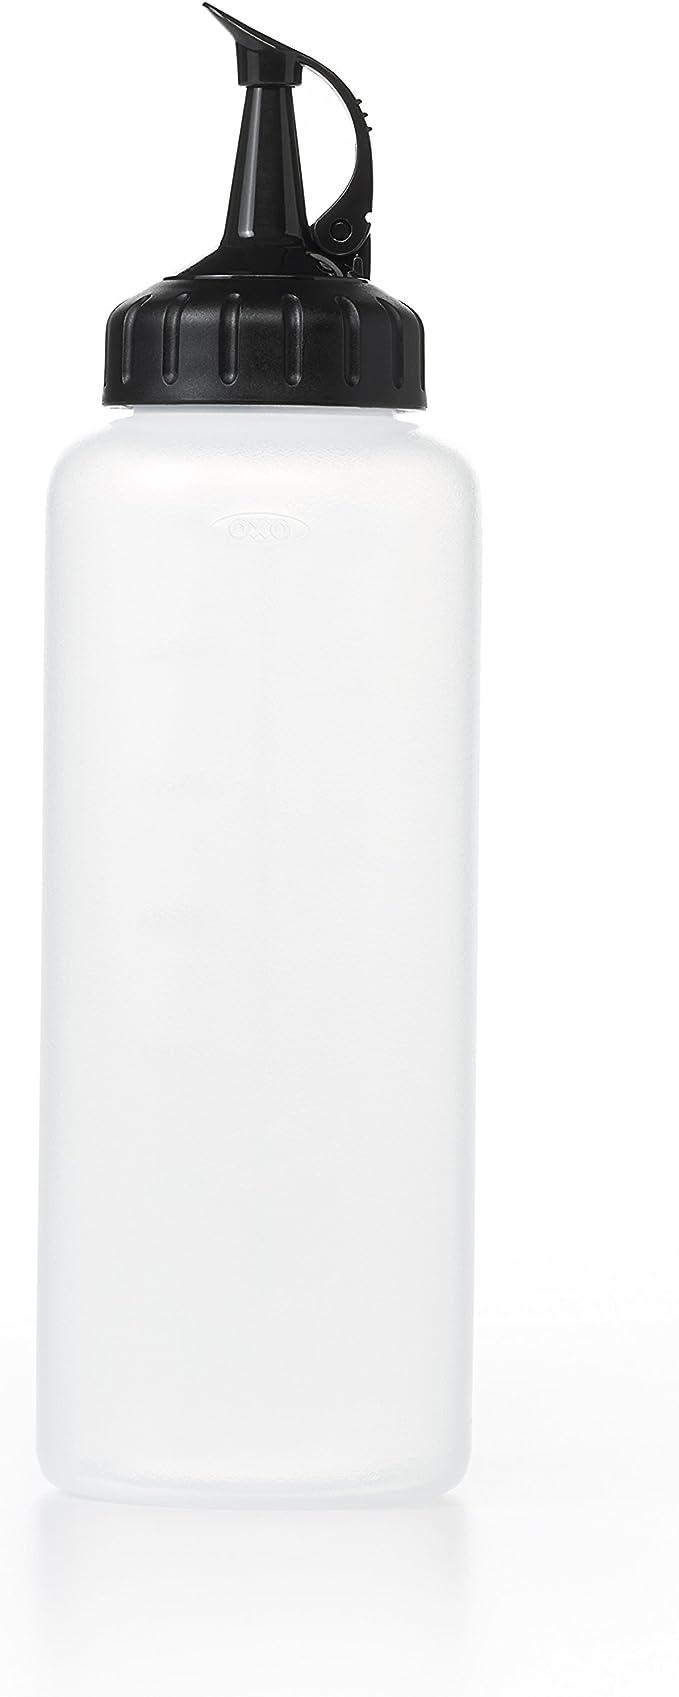 2768 opinioni per OXO Good Grips Flacone Dosatore morbido da Chef, Medio